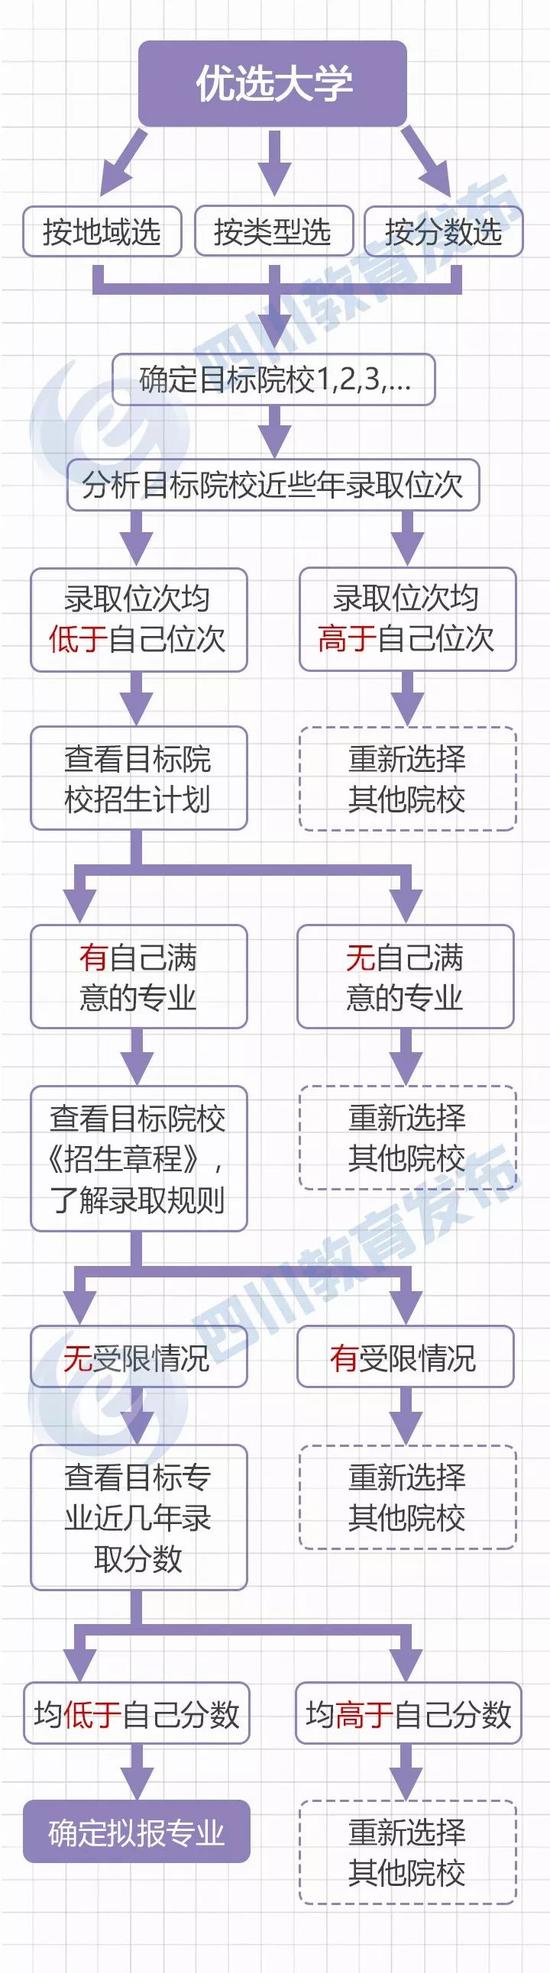 来源:四川省分分快3官方考试院